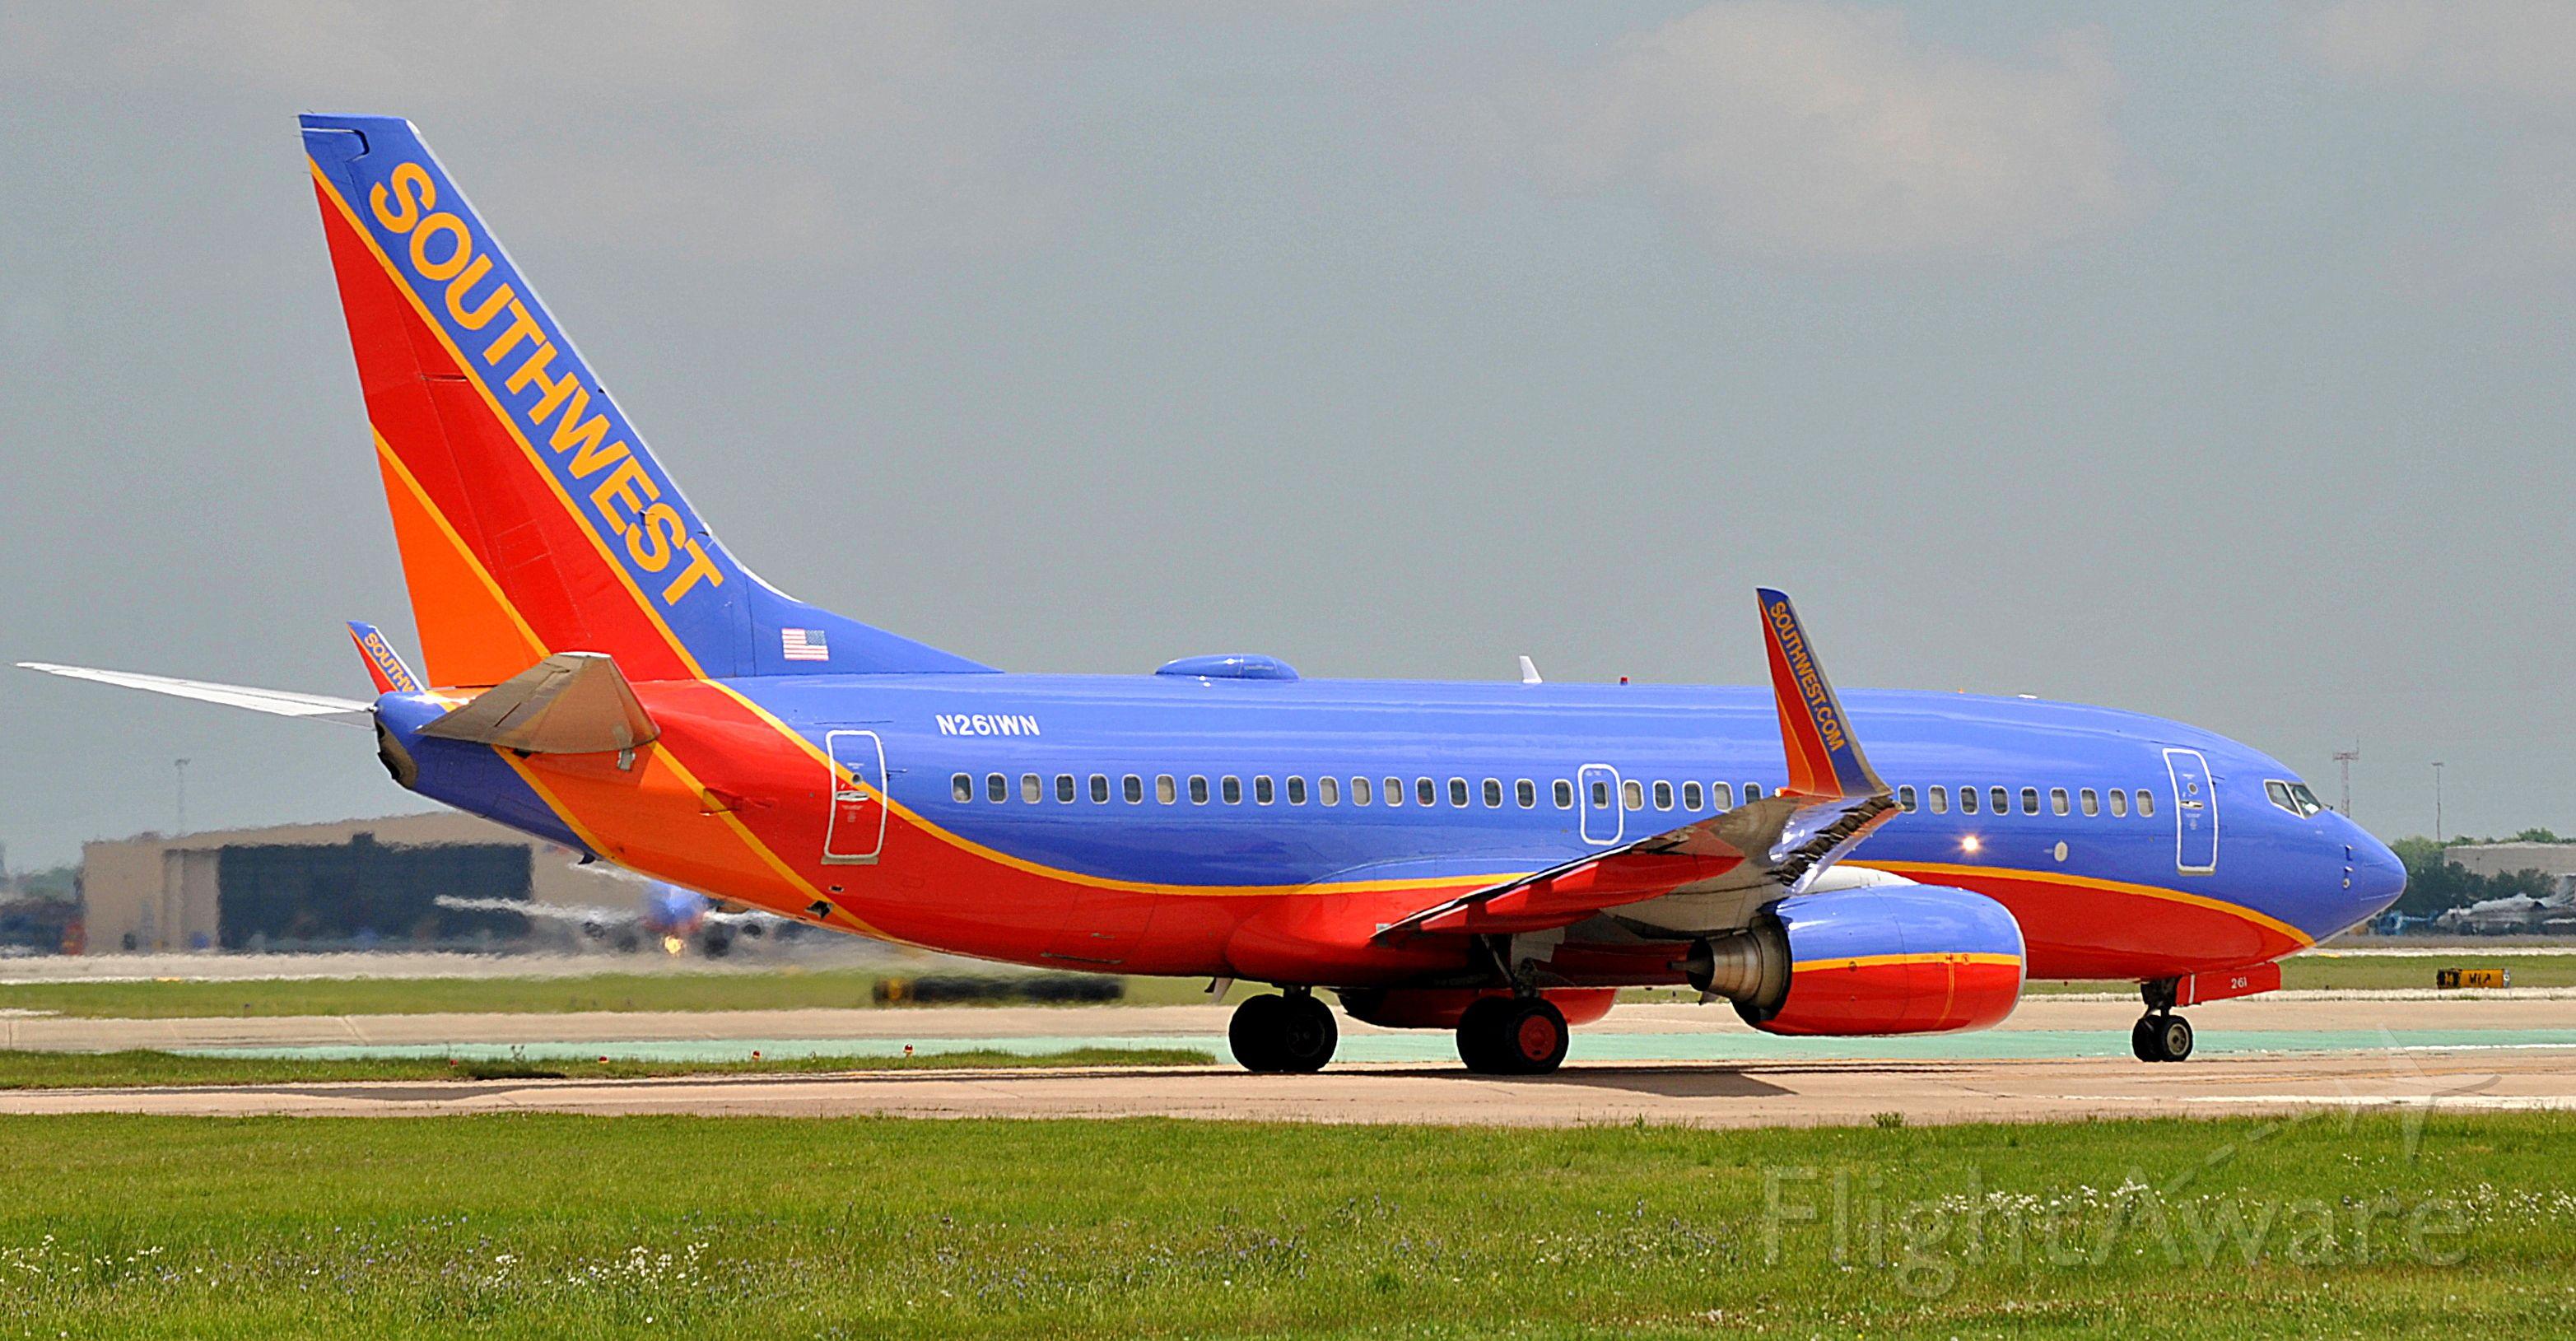 Boeing 737-700 (N261WN)